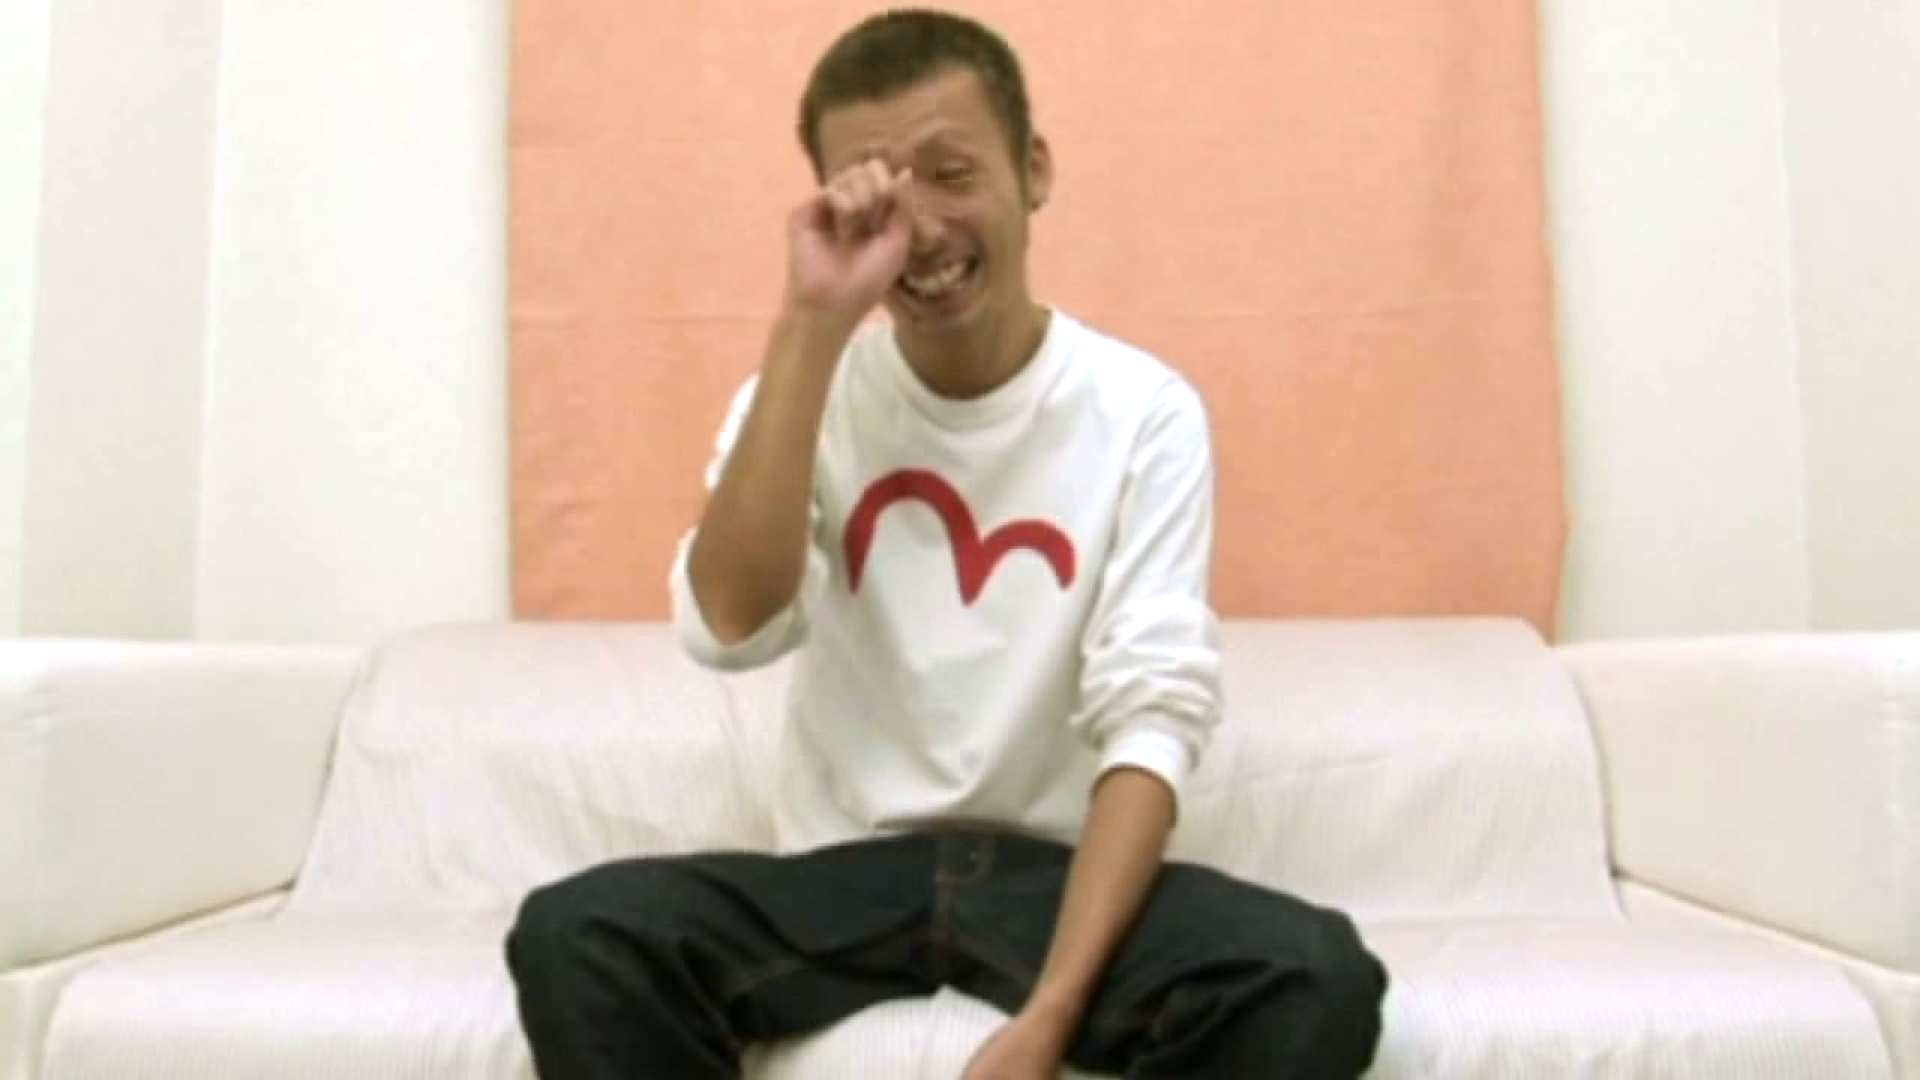 ノンケ!自慰スタジオ No.11 ノンケまつり ゲイアダルト画像 110枚 45